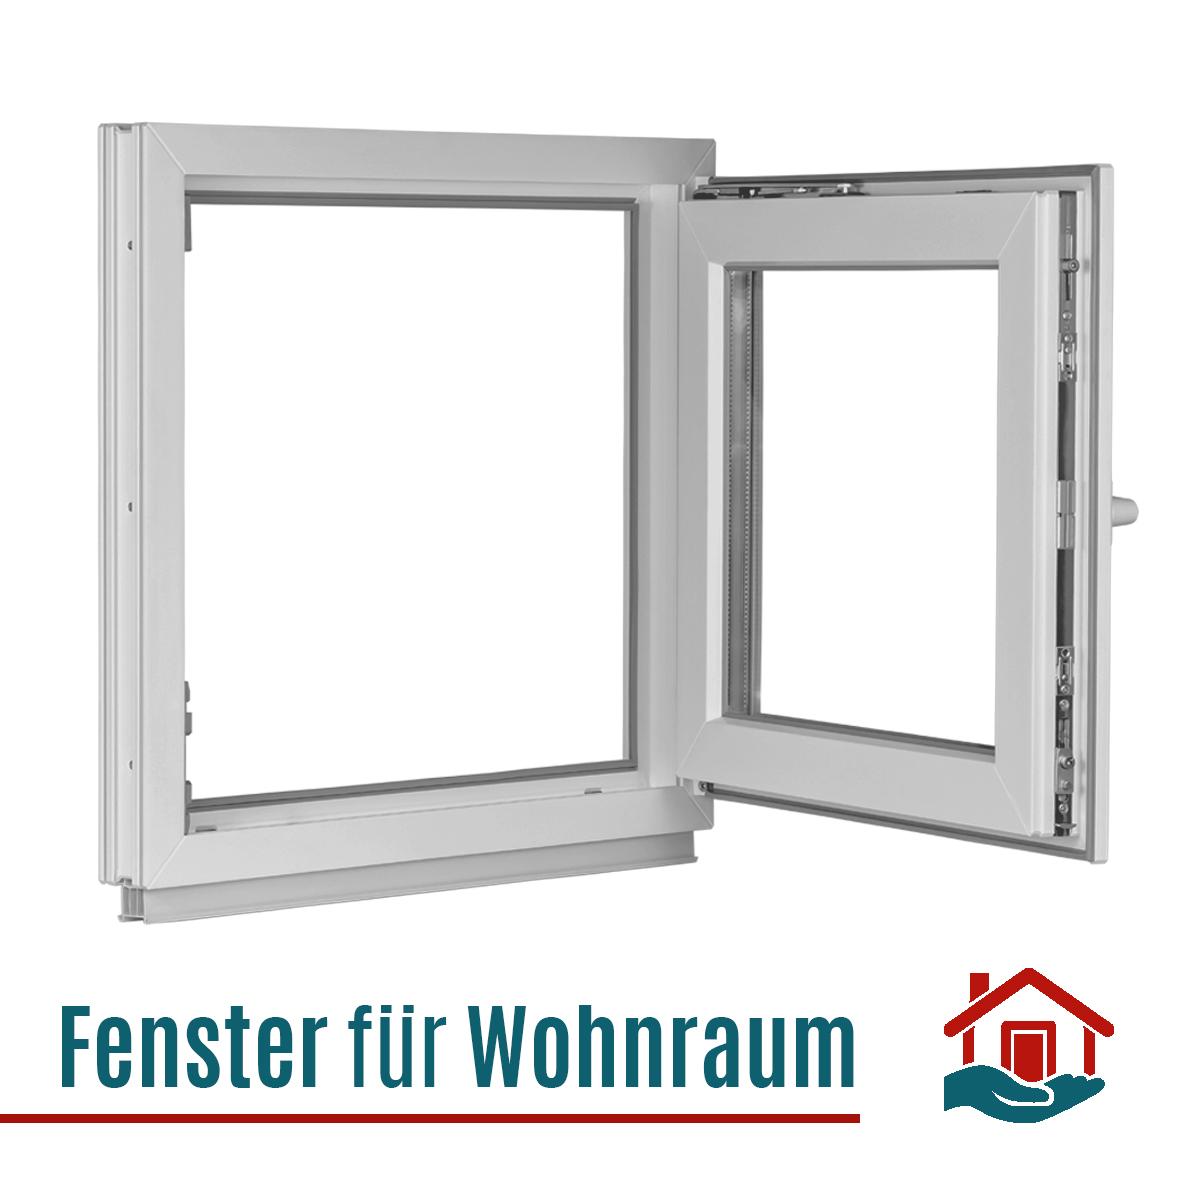 Breite: 95 cm Wei/ß 2 Fach Verglasung FIB BxH: 95x40 cm Fenster Kellerfenster Festverglasung Premium